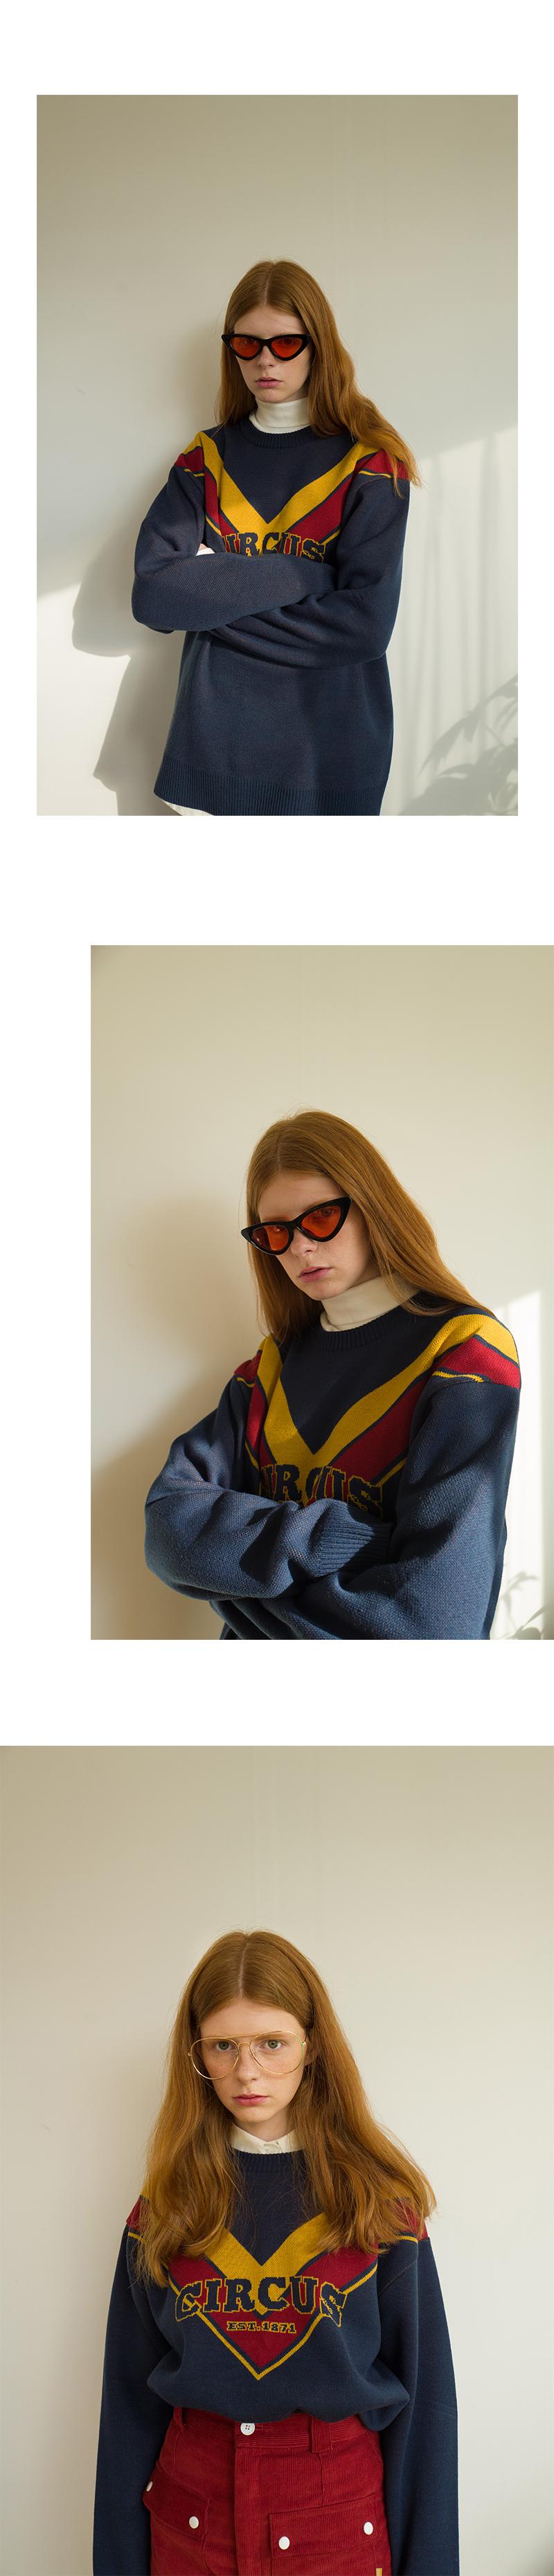 메인부스(MAINBOOTH) Finale Sweater(YELLOW)